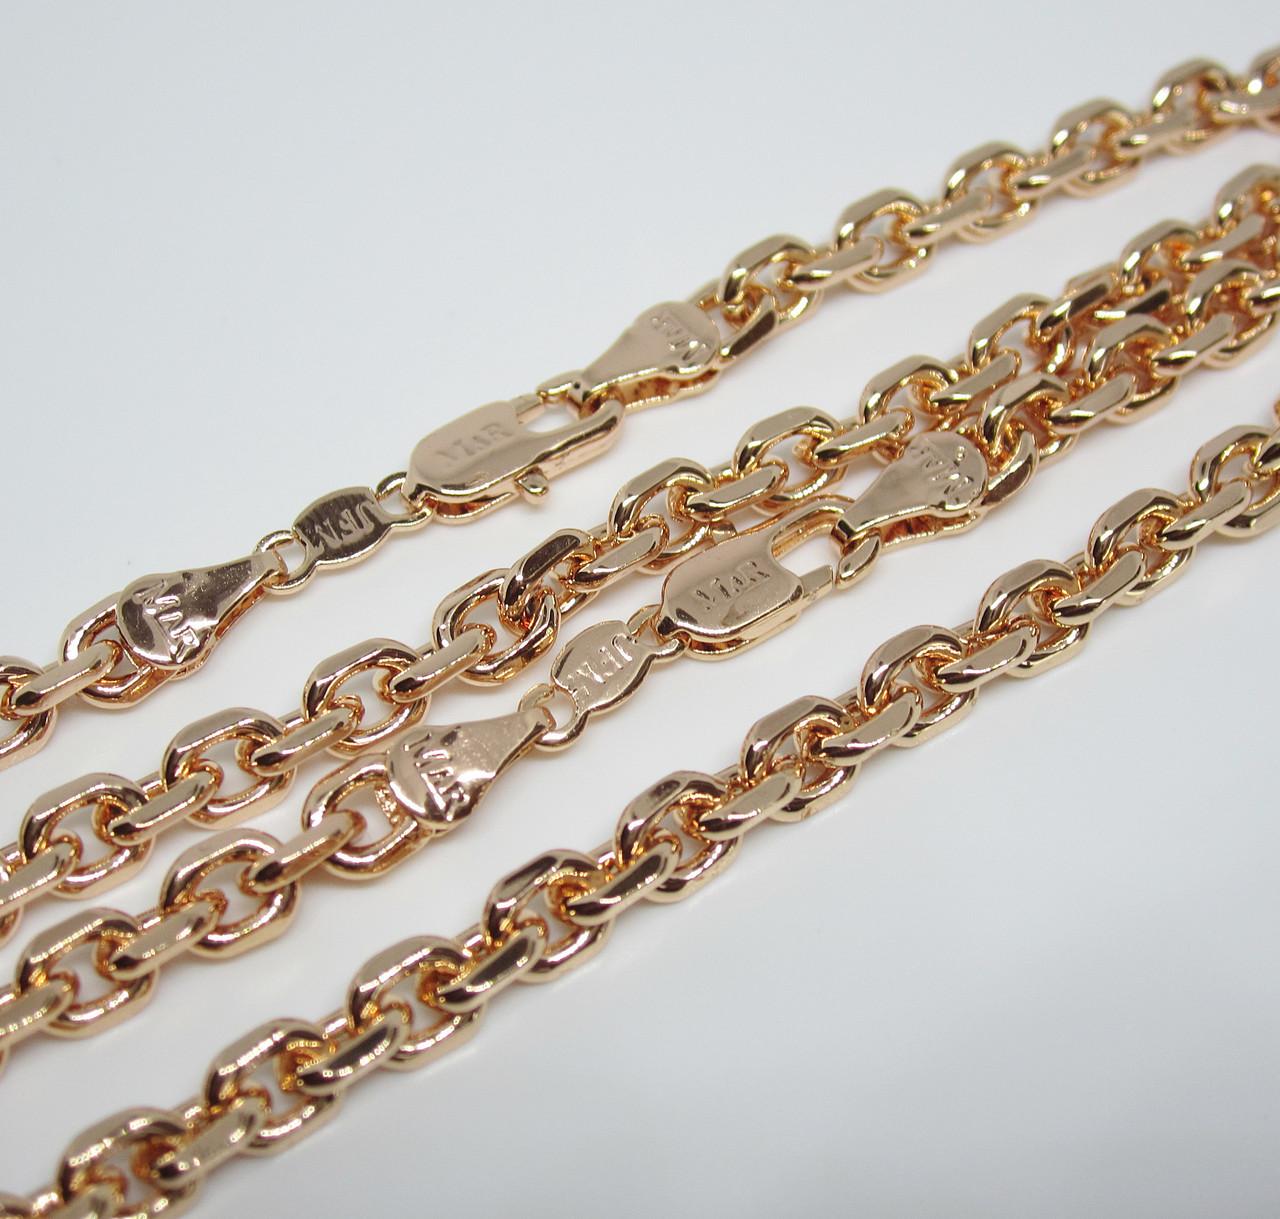 Цепочка+ браслет плетение Якорное 60 см H-5 мм браслет 21 см под советское золото